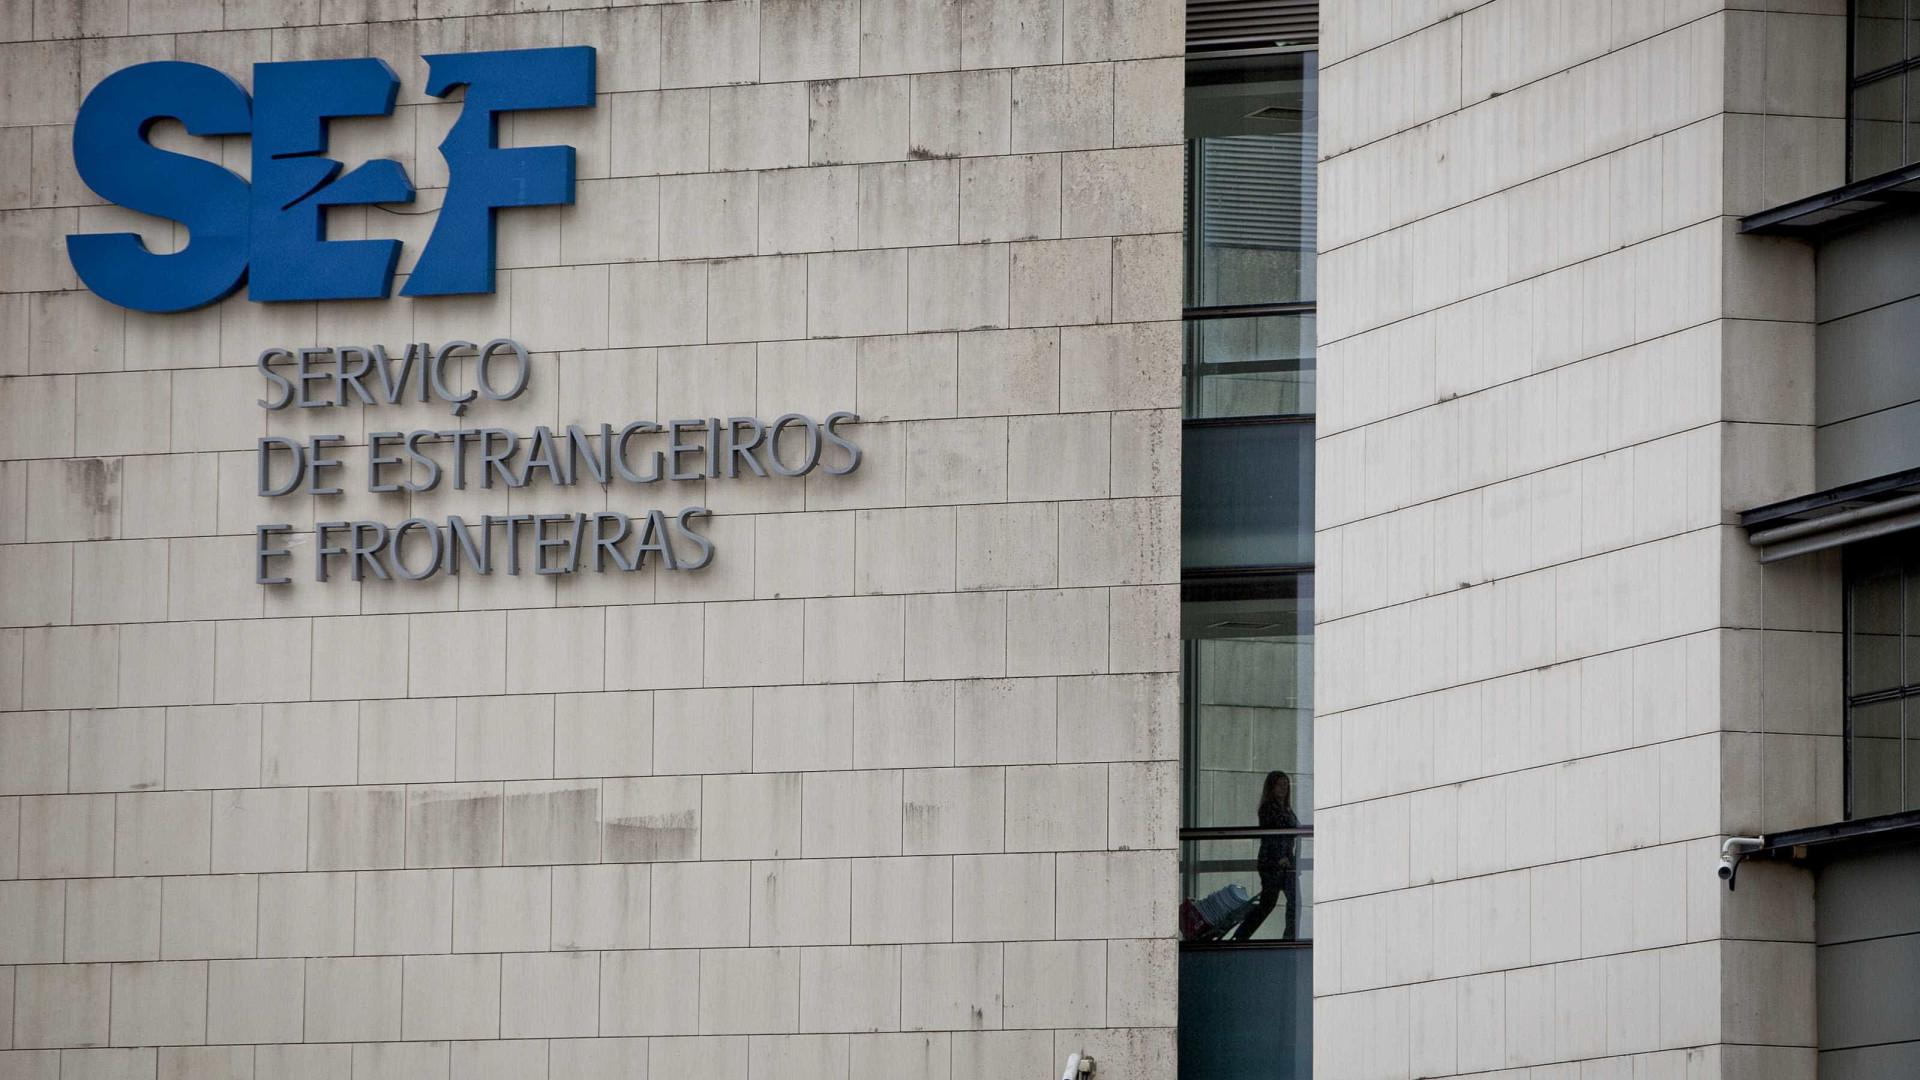 SEF deteta 15 estrangeiros em situação irregular na região Centro